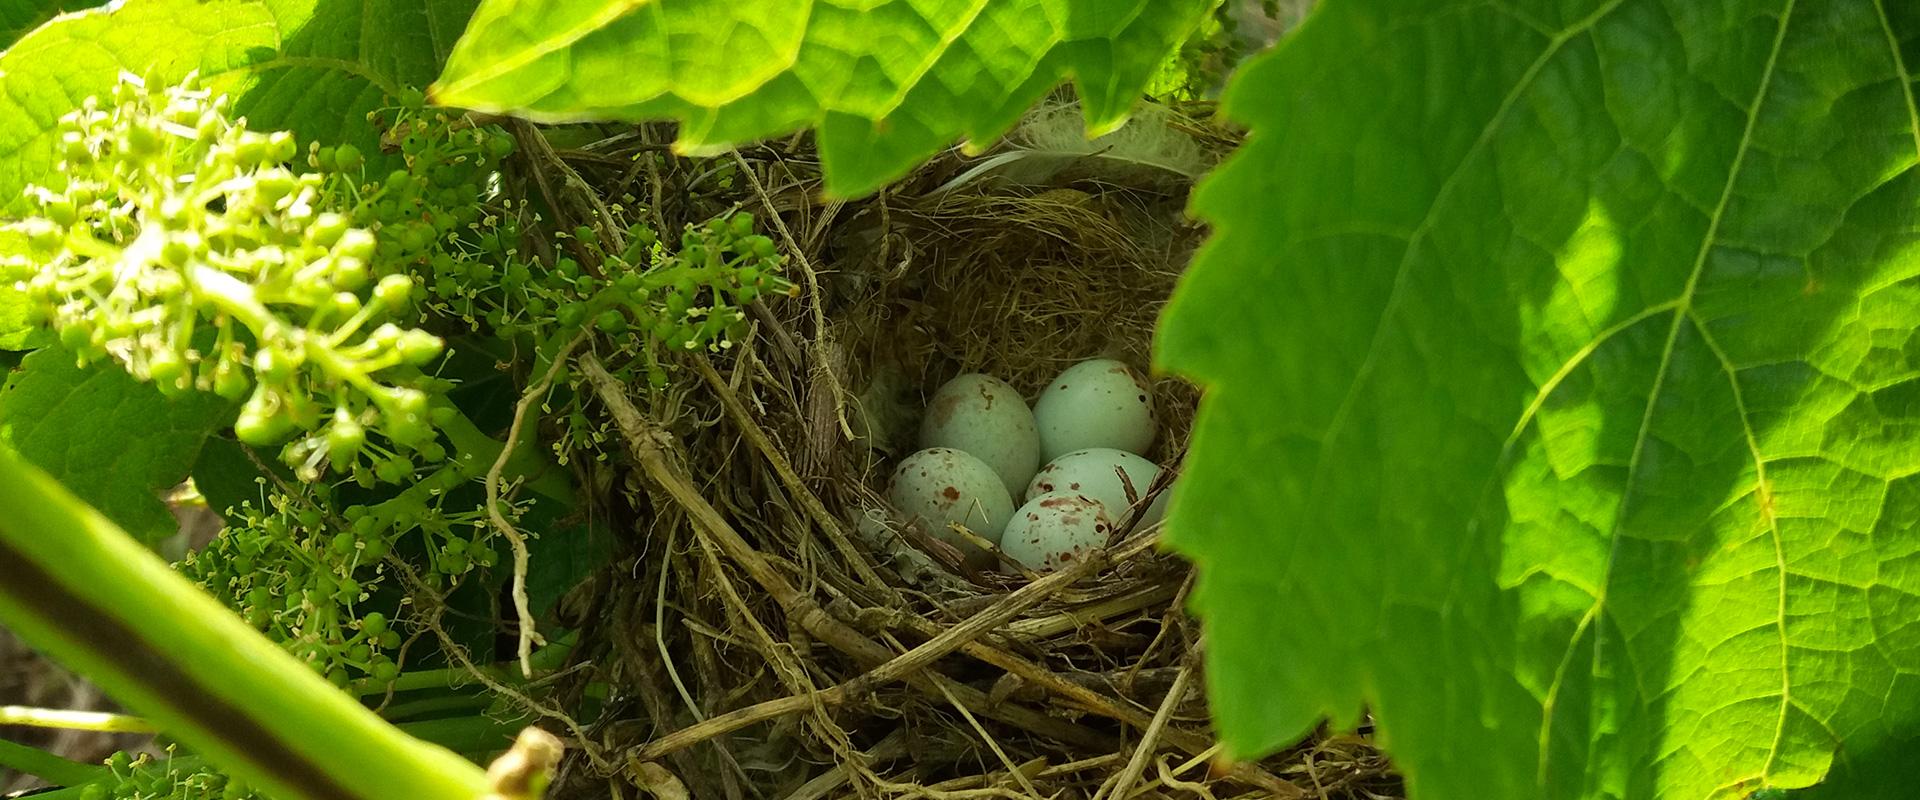 oeufs d'oiseau dans leur nid Château L'Inclassable